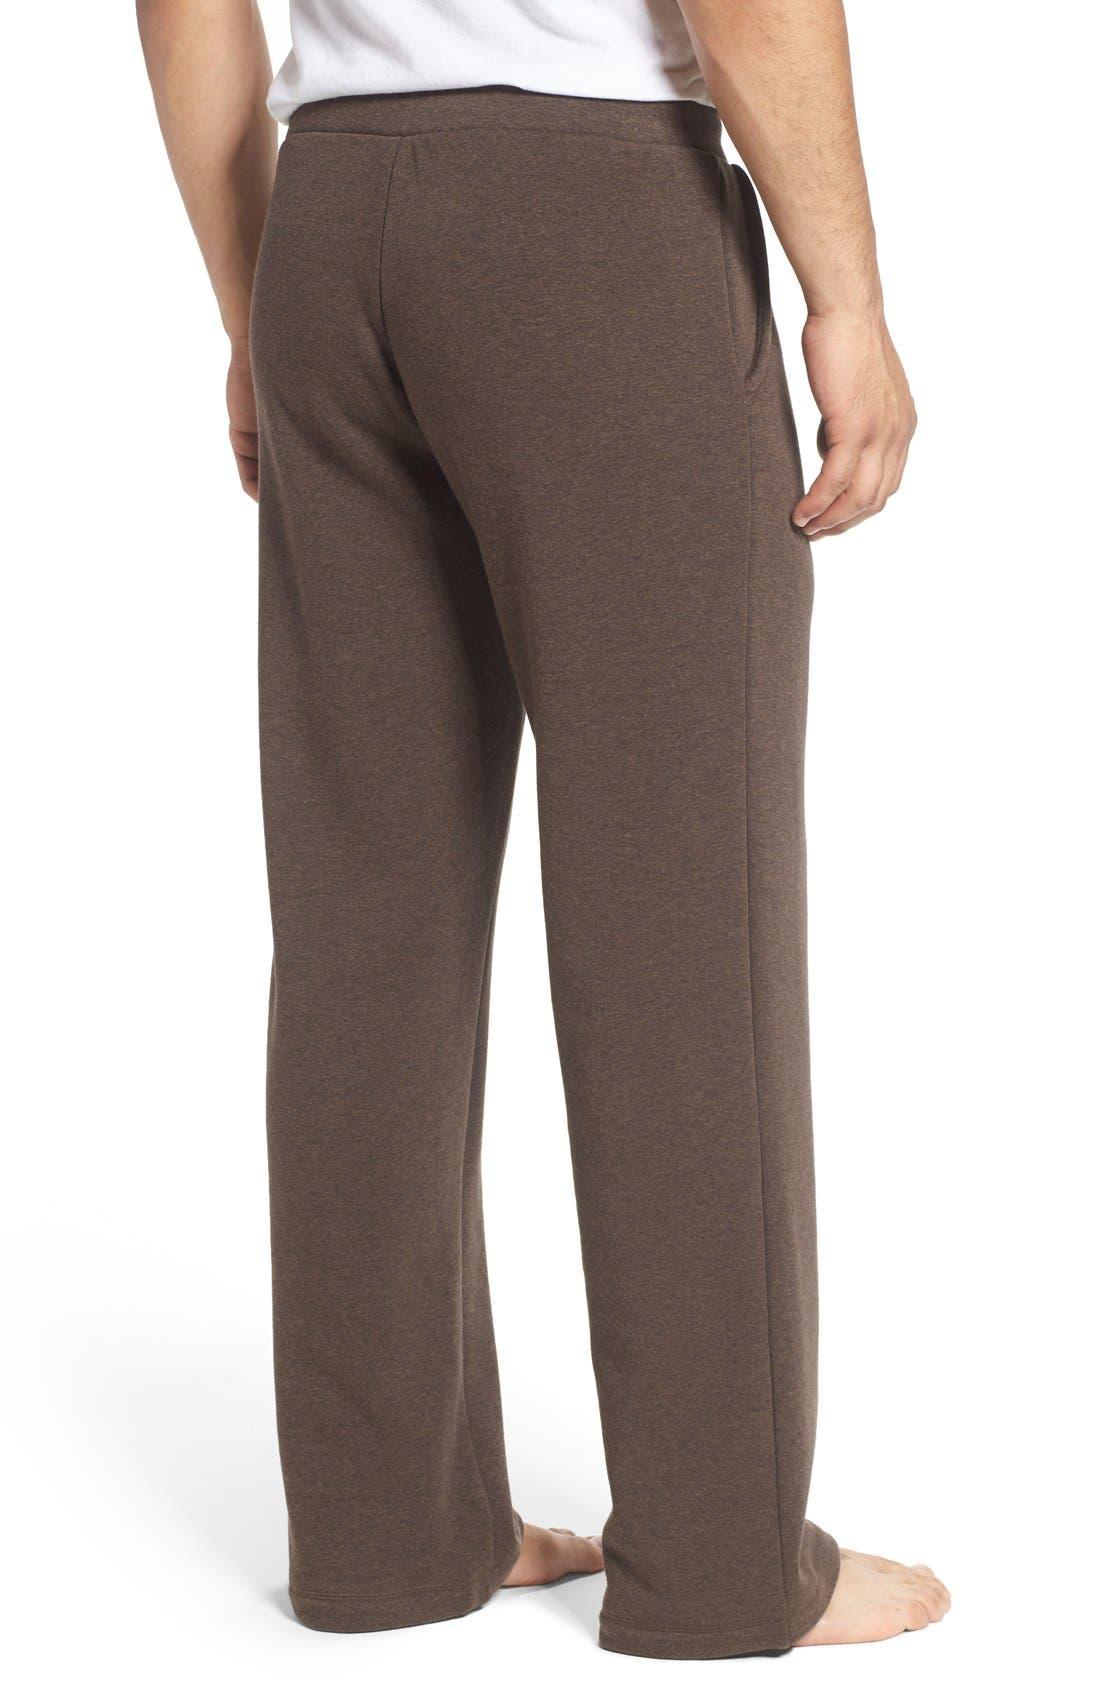 'Colton' Lounge Pants,                             Alternate thumbnail 2, color,                             Stout Heather